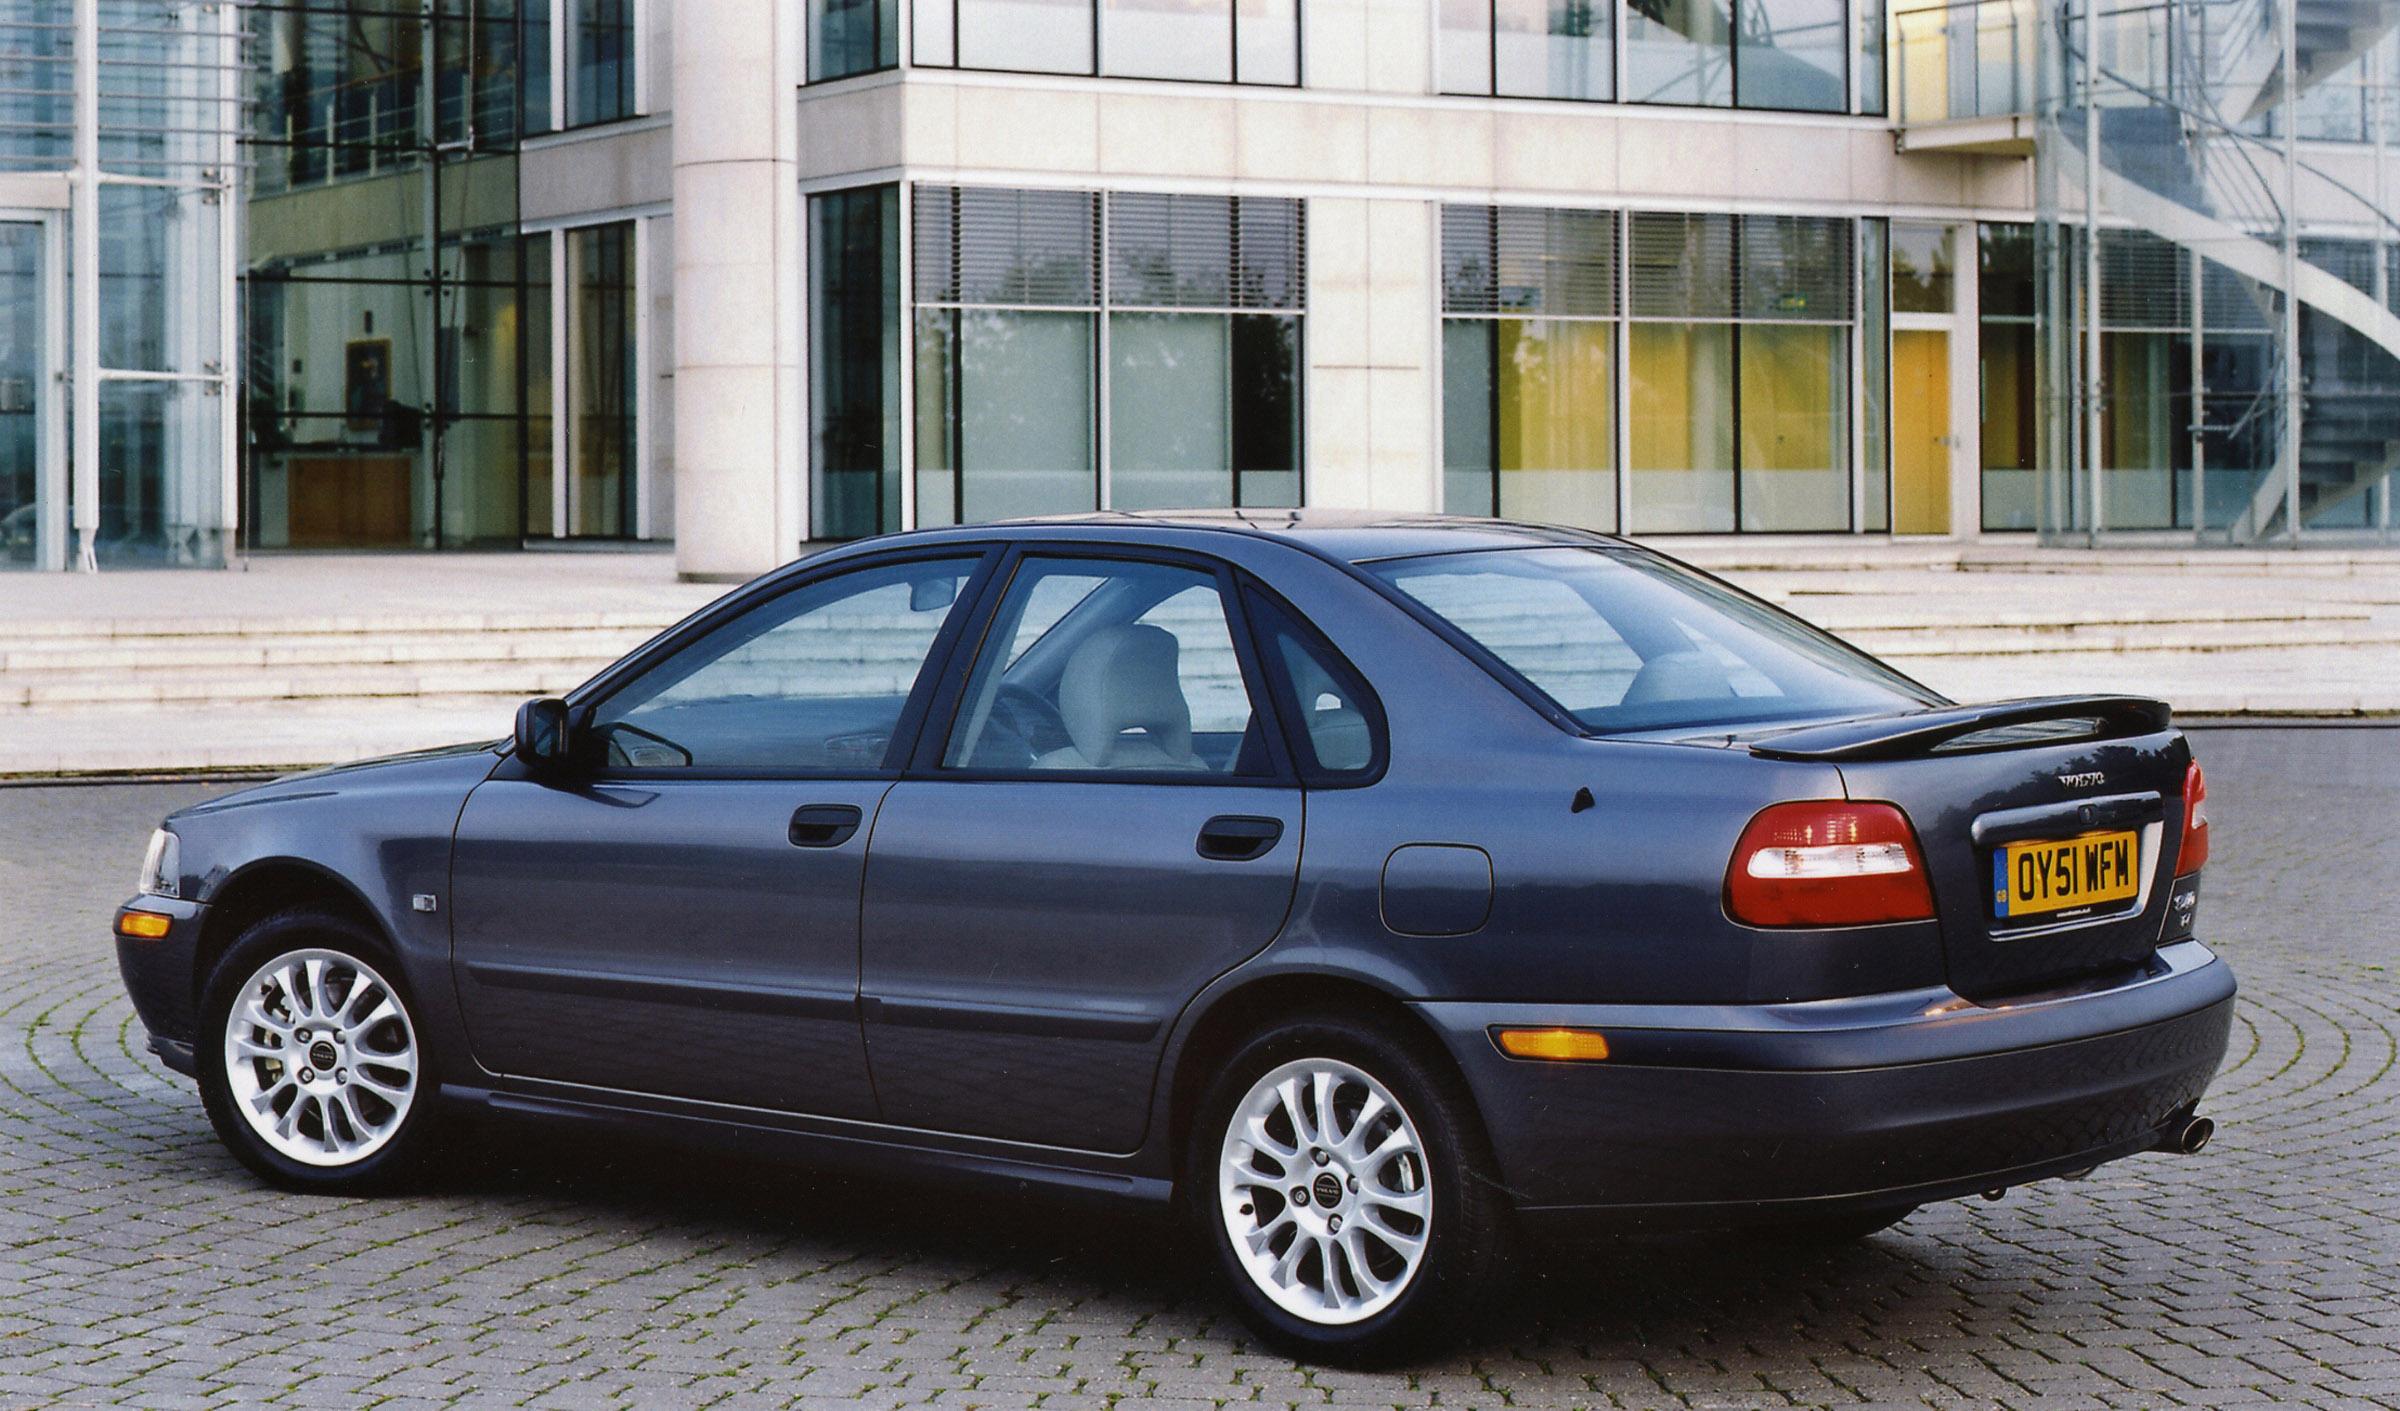 2001 Volvo S40 - Picture 54246